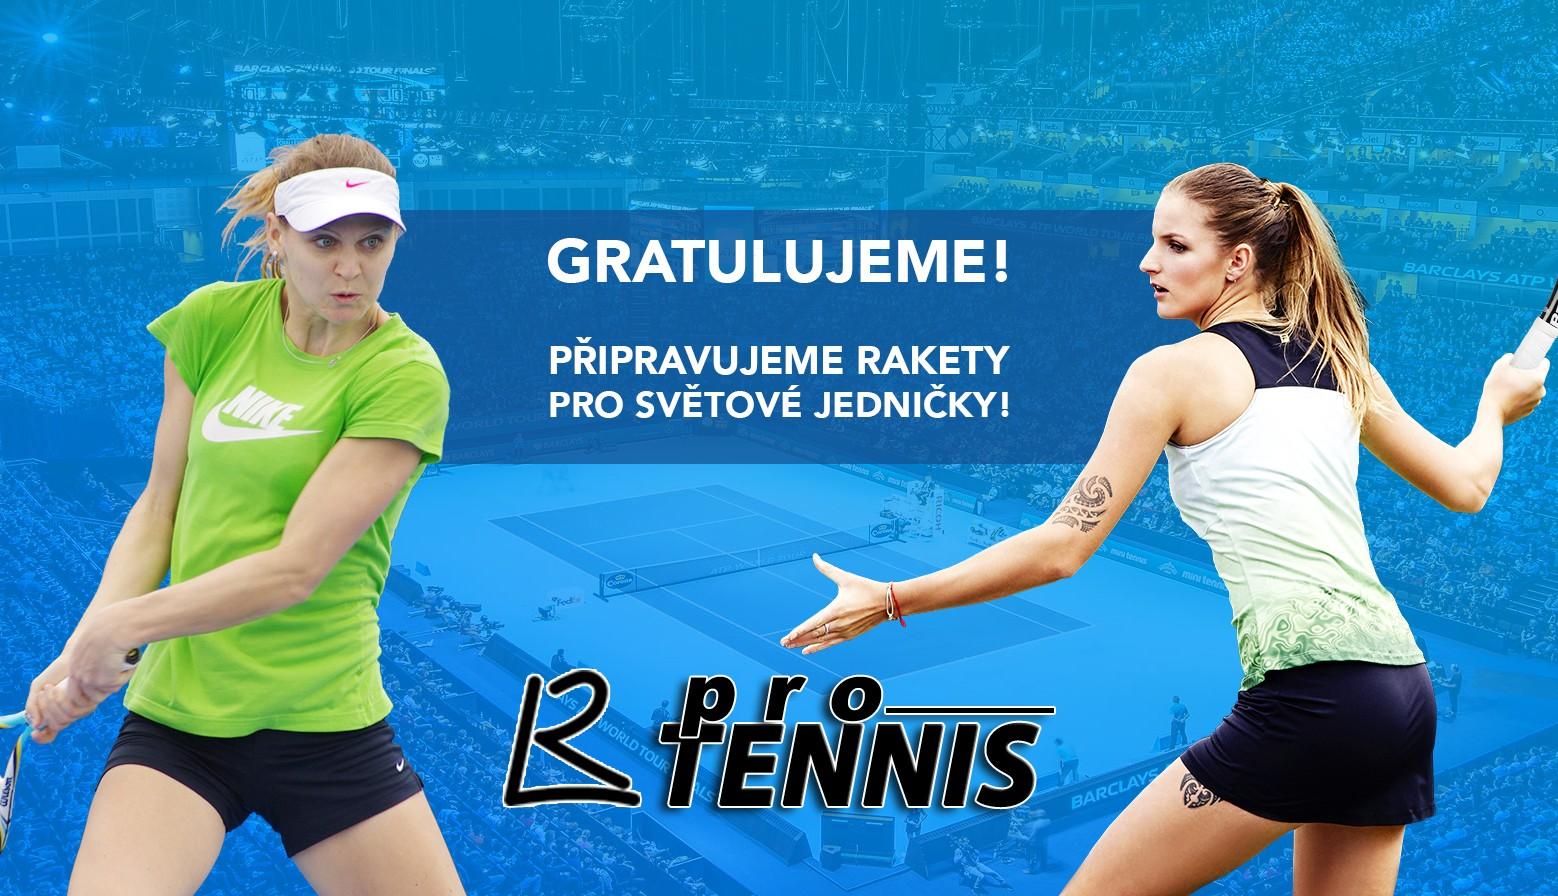 Gratulujeme vítězům!